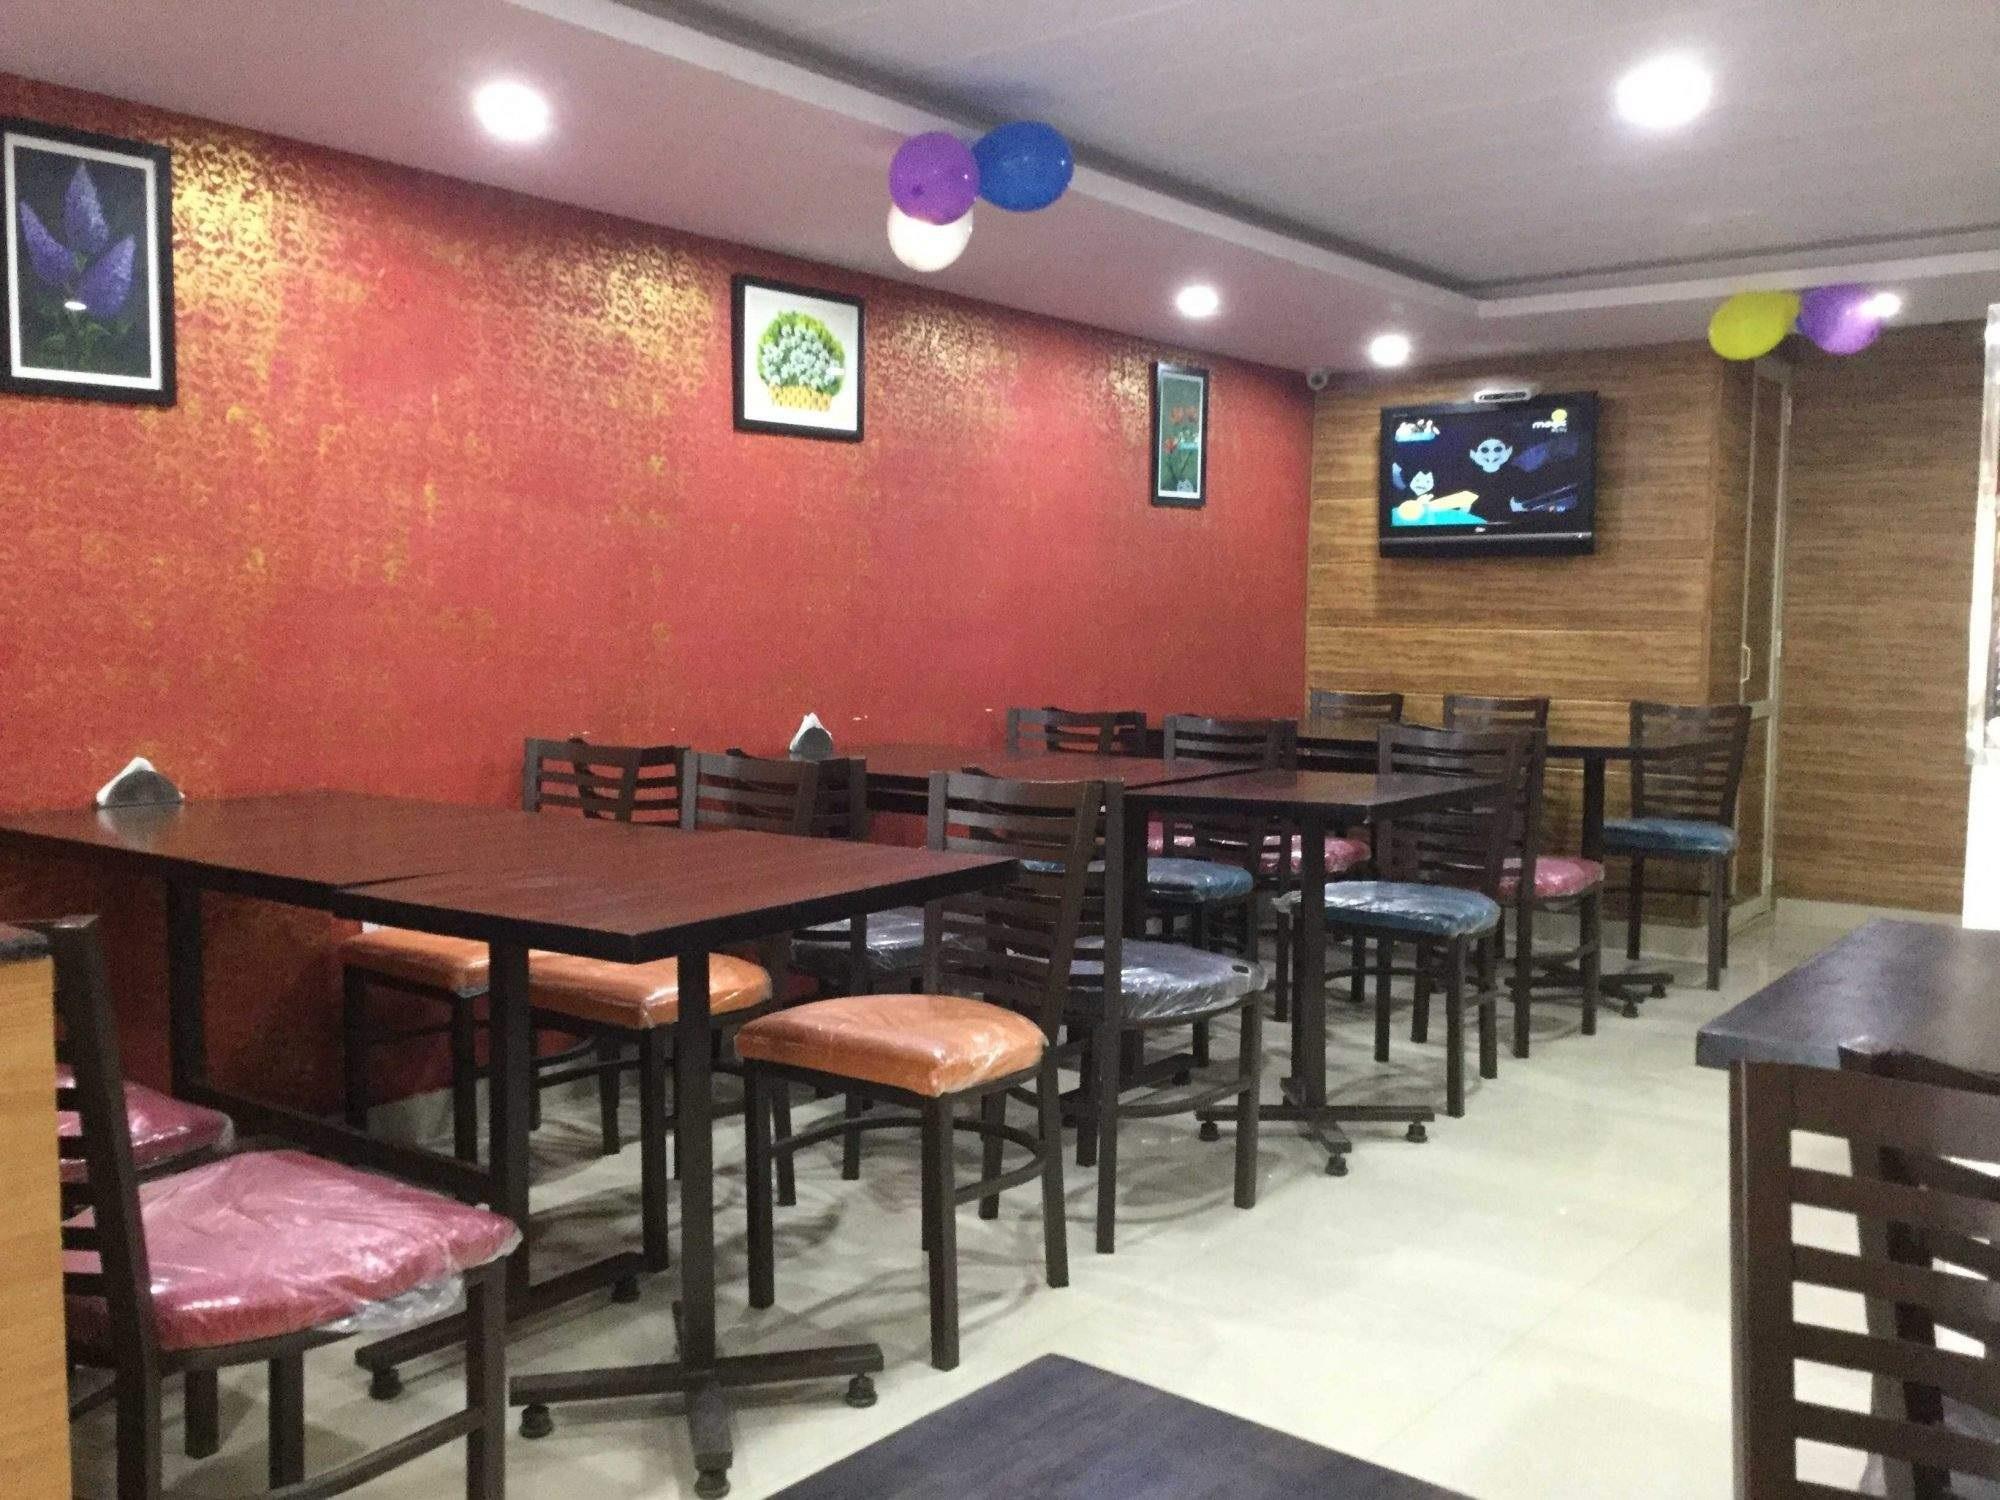 Iconic Lounge Bar - Dugri - Ludhiana Image